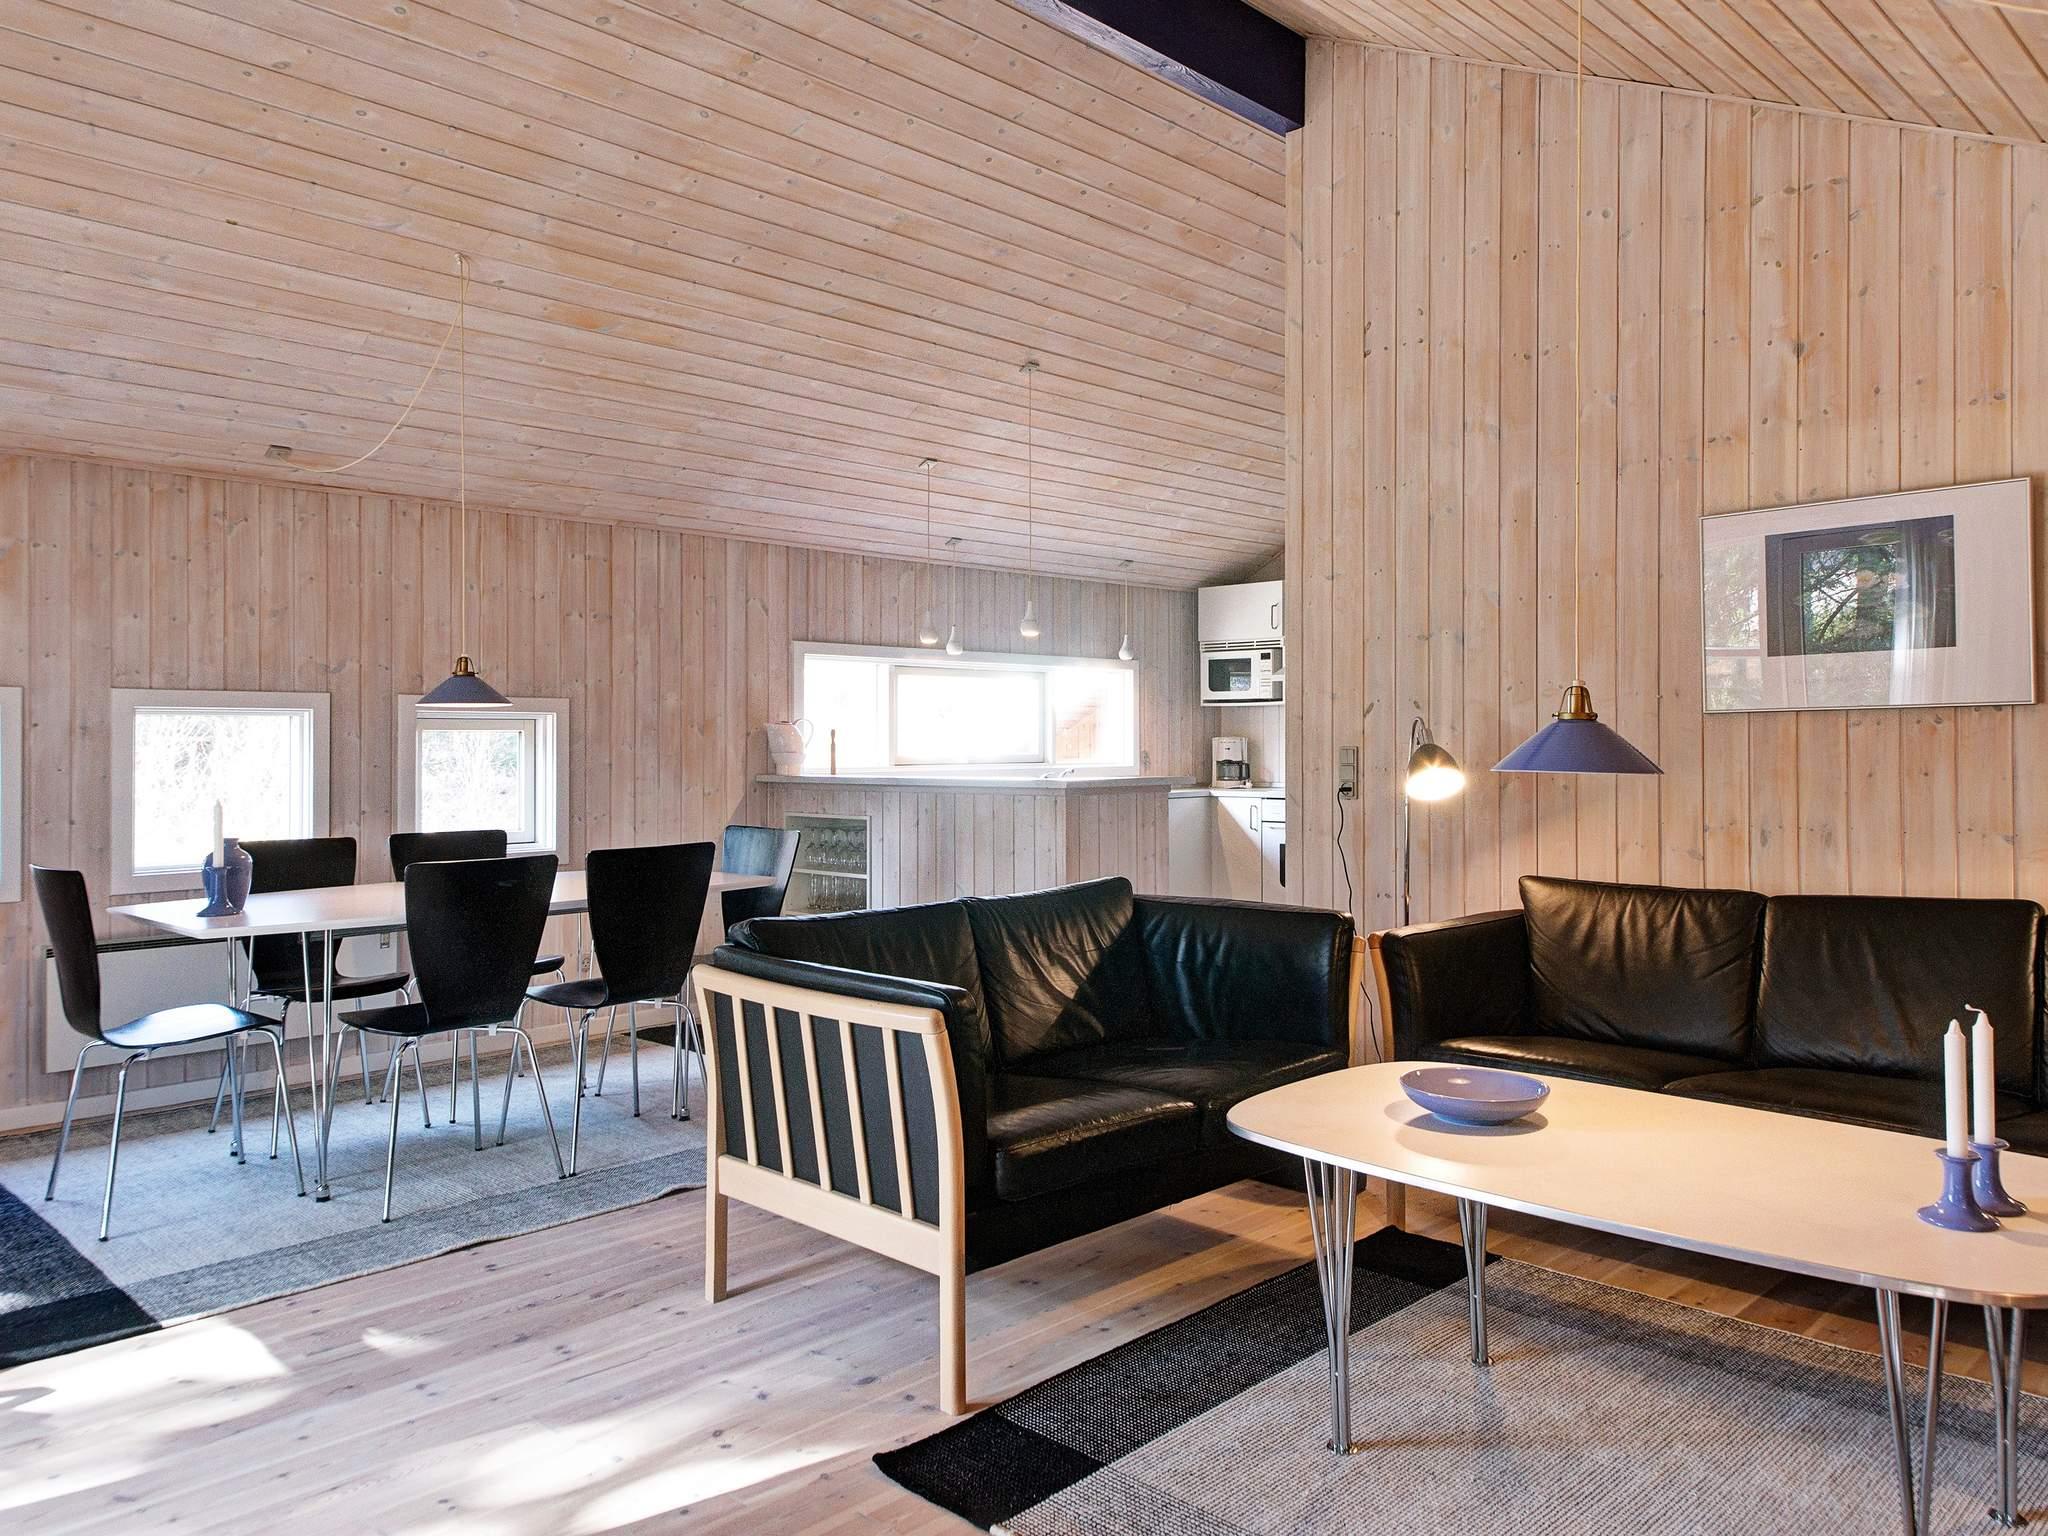 Ferienhaus Snogebæk (82567), Snogebæk, , Bornholm, Dänemark, Bild 2